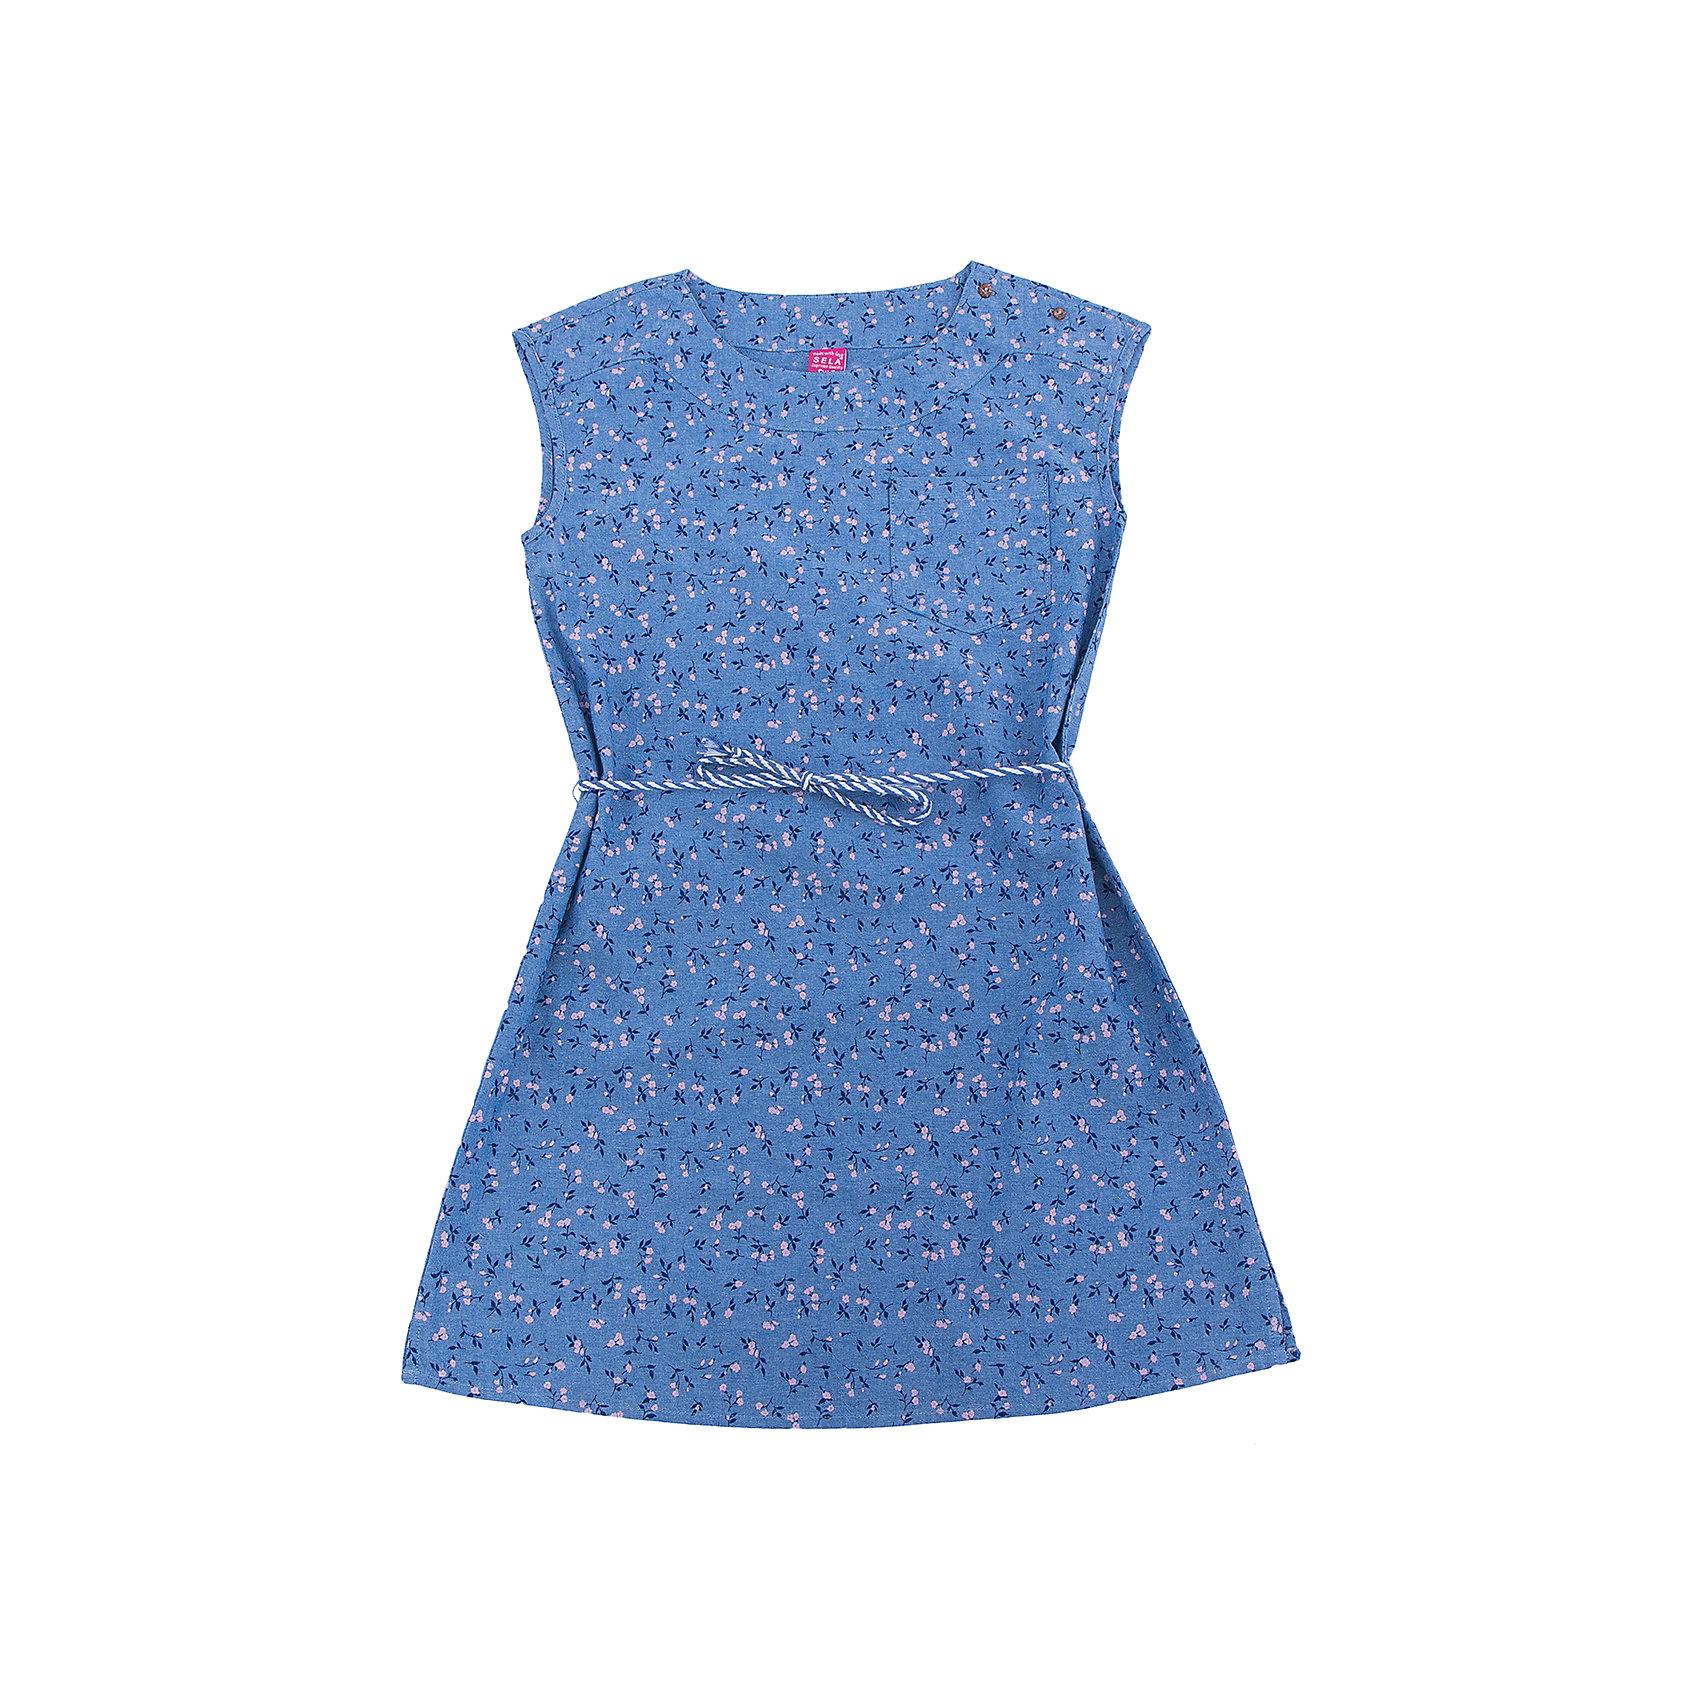 Платье для девочки SELAПлатья и сарафаны<br>Характеристики товара:<br><br>• цвет: синий джинс<br>• состав: 100% хлопок<br>• без рукавов<br>• сезон: лето<br>• принт<br>• длина выше колена<br>• корткие рукава<br>• страна бренда: Россия<br><br>Платье для девочки поможет разнообразить гардероб ребенка и обеспечить комфорт.  Оно отлично сочетается с босоножками, сандалями или туфельками. Стильная и удобная вещь!<br><br>Одежда, обувь и аксессуары от российского бренда SELA не зря пользуются большой популярностью у детей и взрослых!<br><br>Платье для девочки от популярного бренда SELA (СЕЛА) можно купить в нашем интернет-магазине.<br><br>Ширина мм: 236<br>Глубина мм: 16<br>Высота мм: 184<br>Вес г: 177<br>Цвет: синий<br>Возраст от месяцев: 108<br>Возраст до месяцев: 120<br>Пол: Женский<br>Возраст: Детский<br>Размер: 140,128,146,152,122,134<br>SKU: 5305473